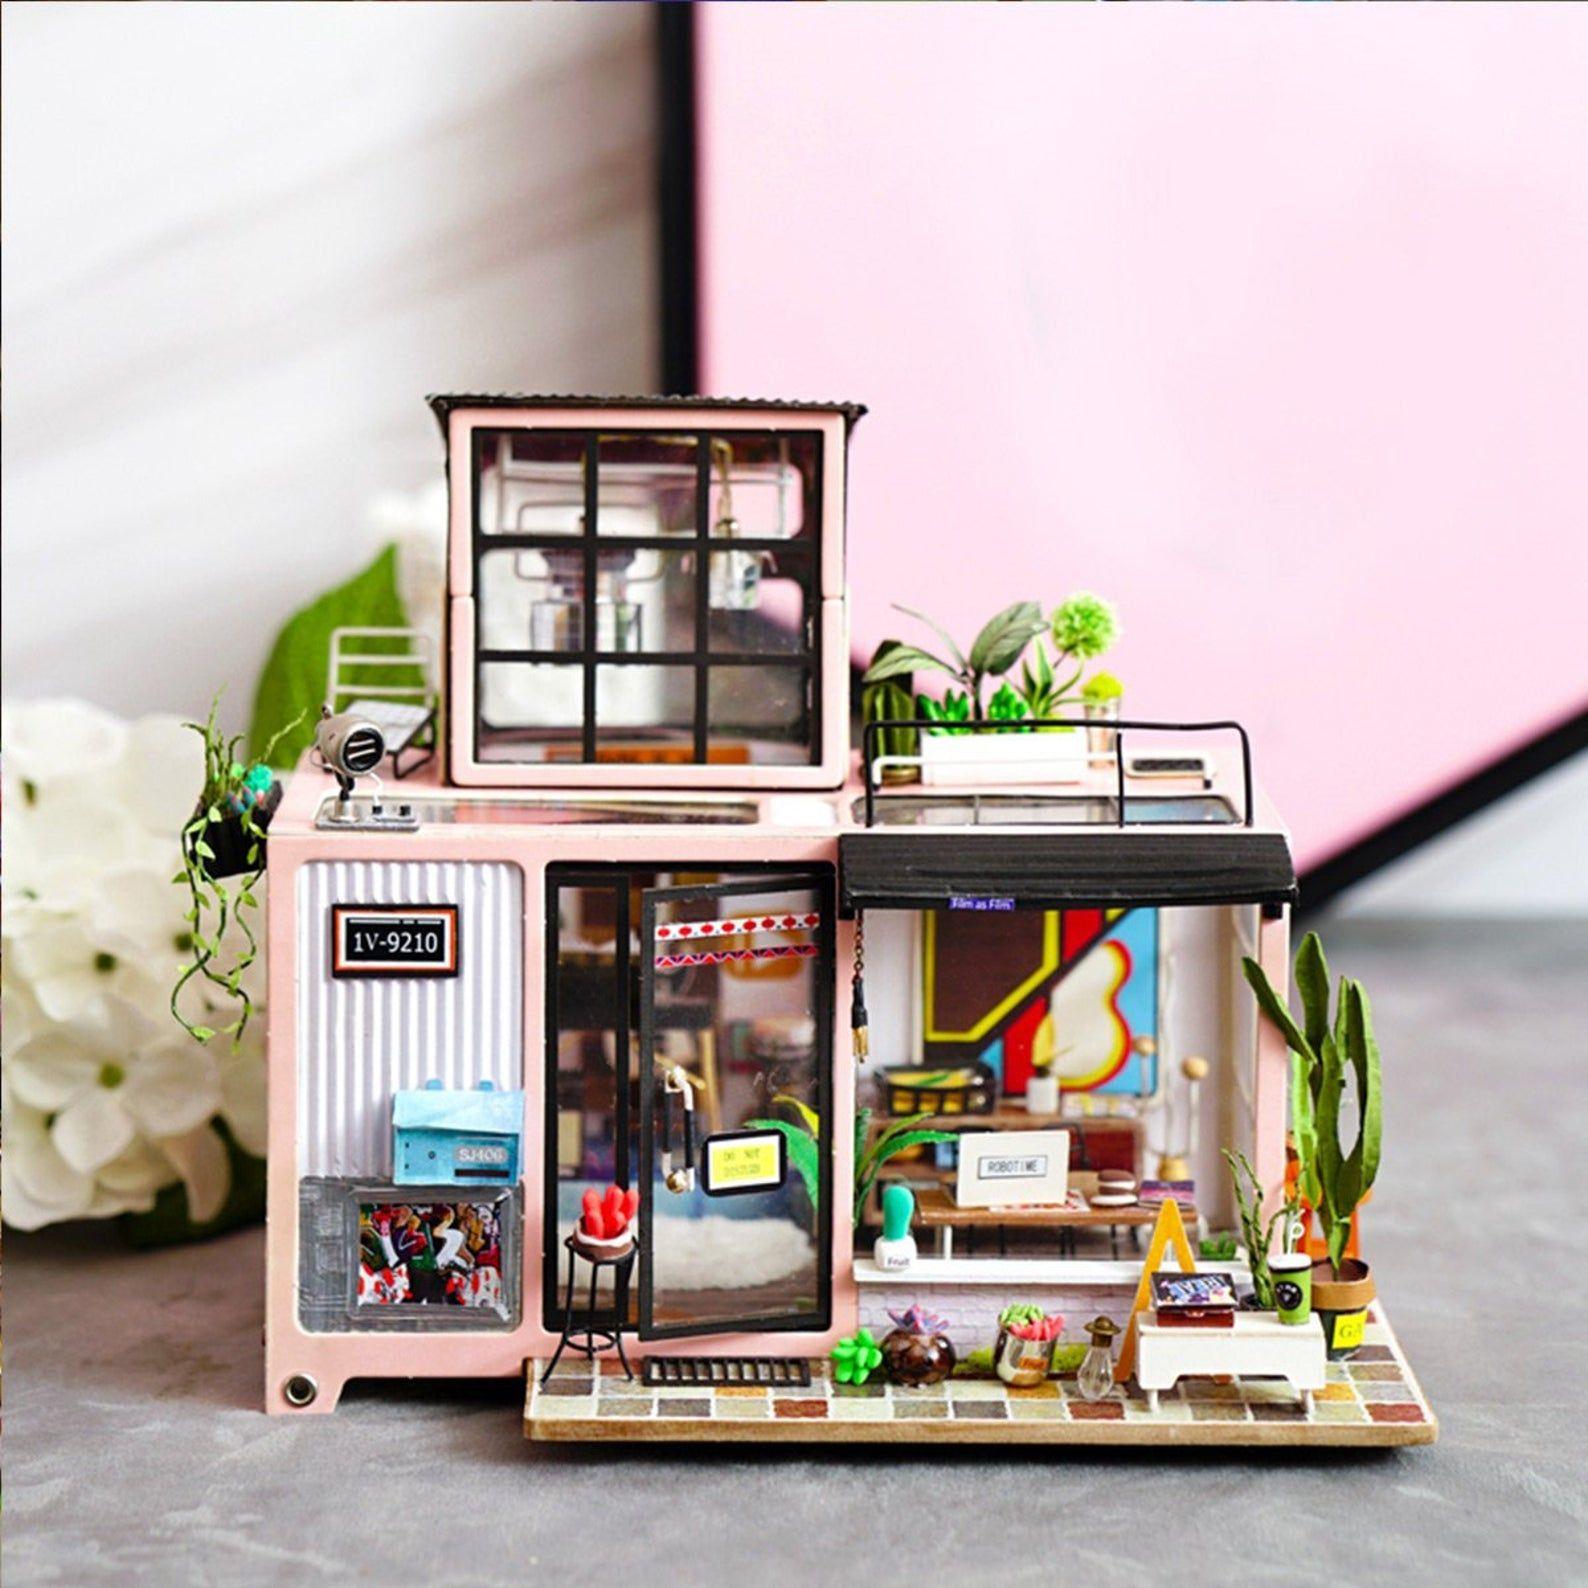 Pin on Dollhouse Ideas